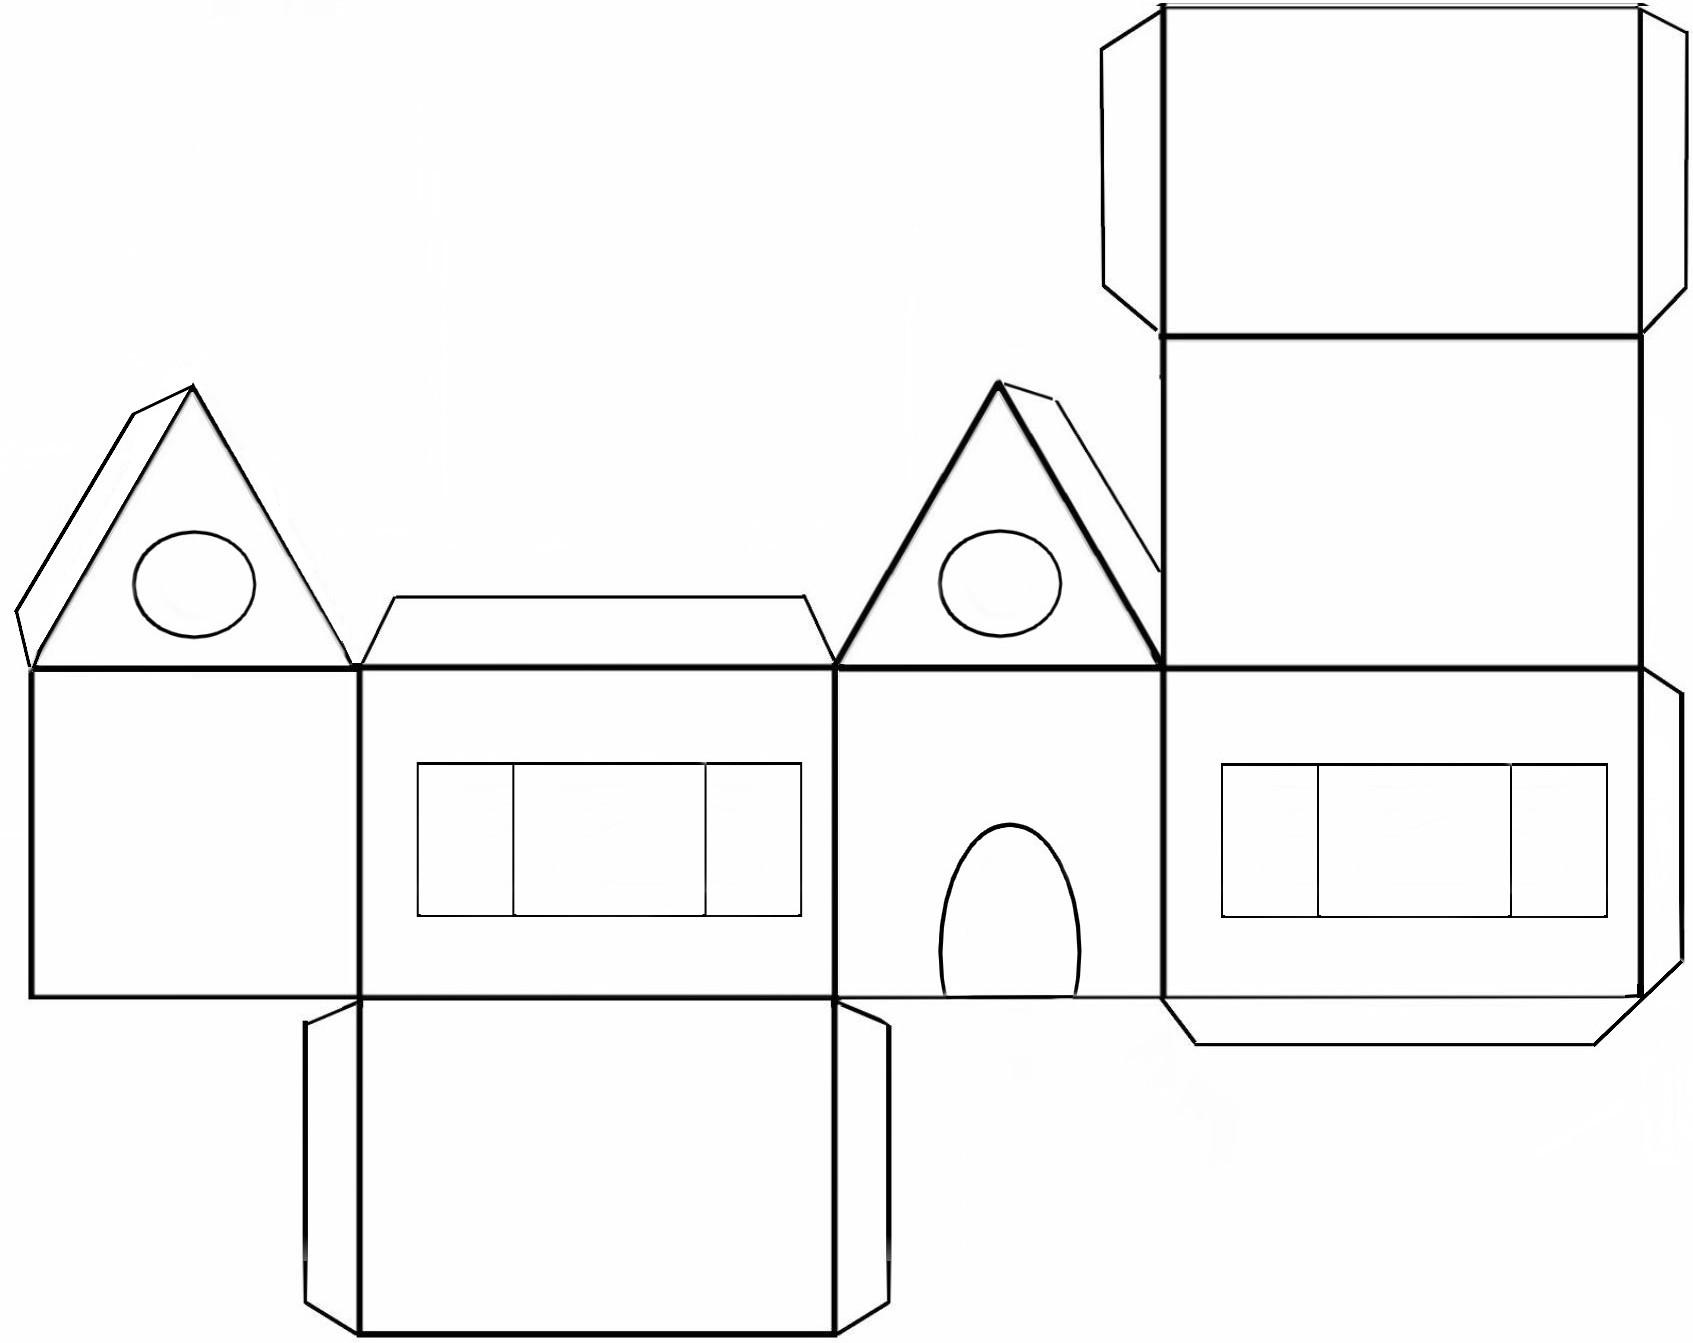 Petite maison en carton fabriquer l 39 impression 3d - Ou faire couper sa carte sim ...